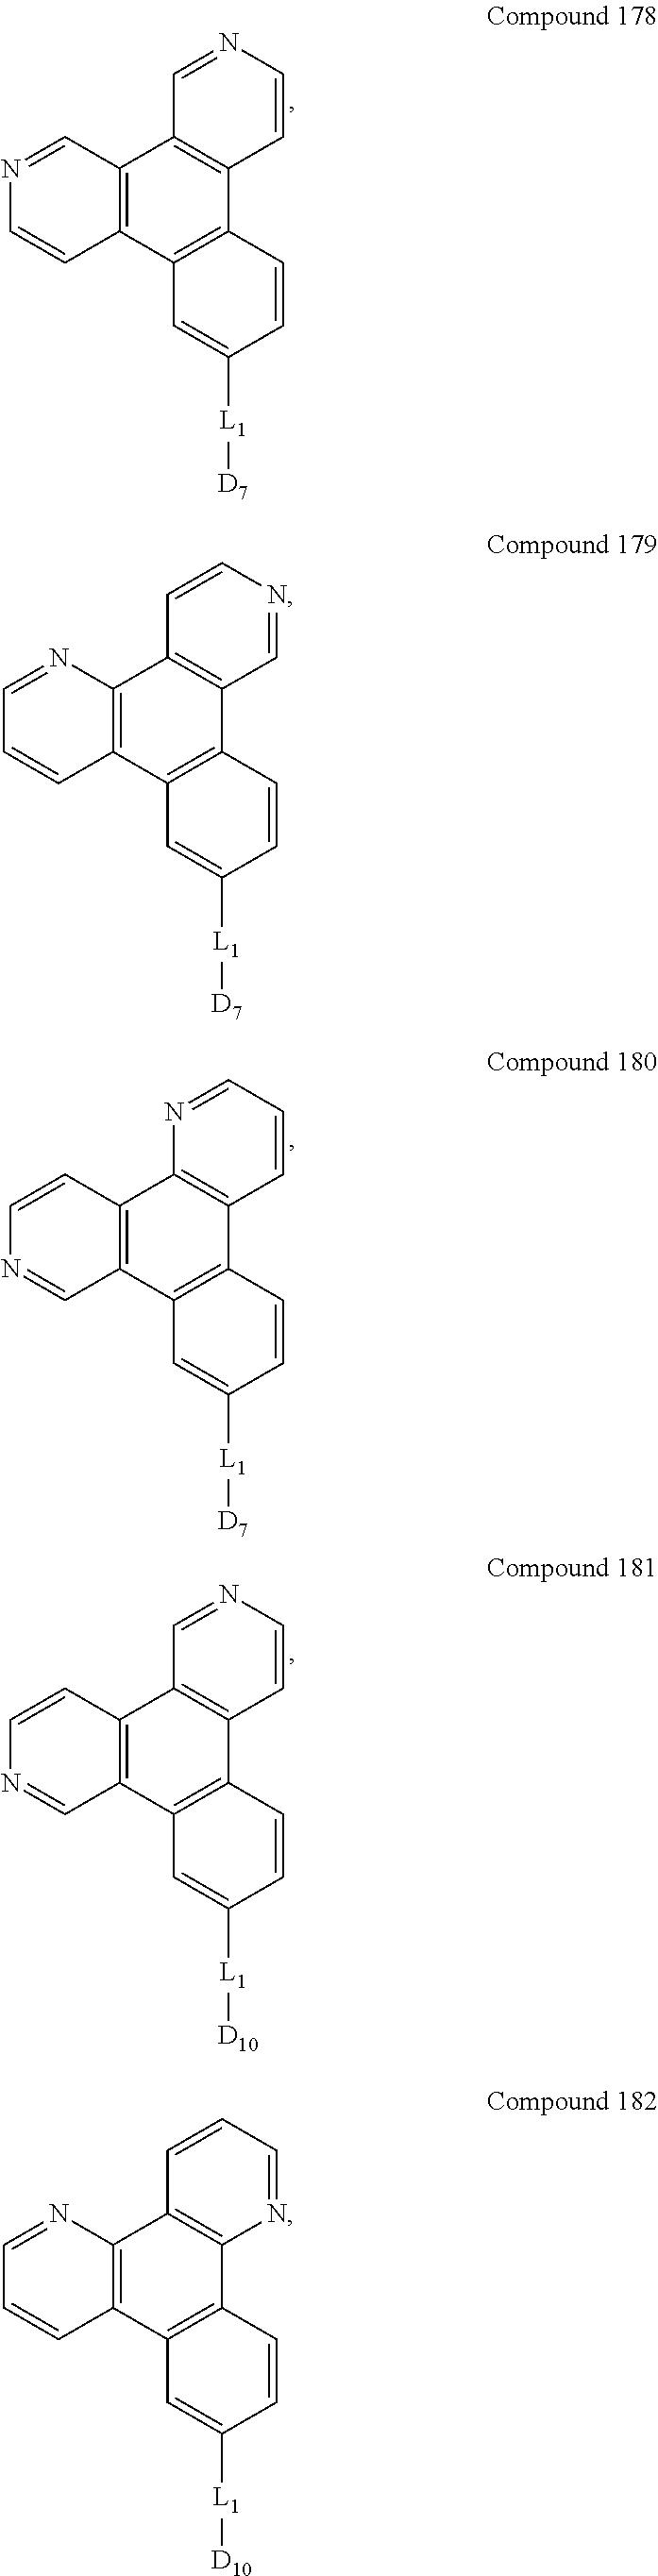 Figure US09537106-20170103-C00614